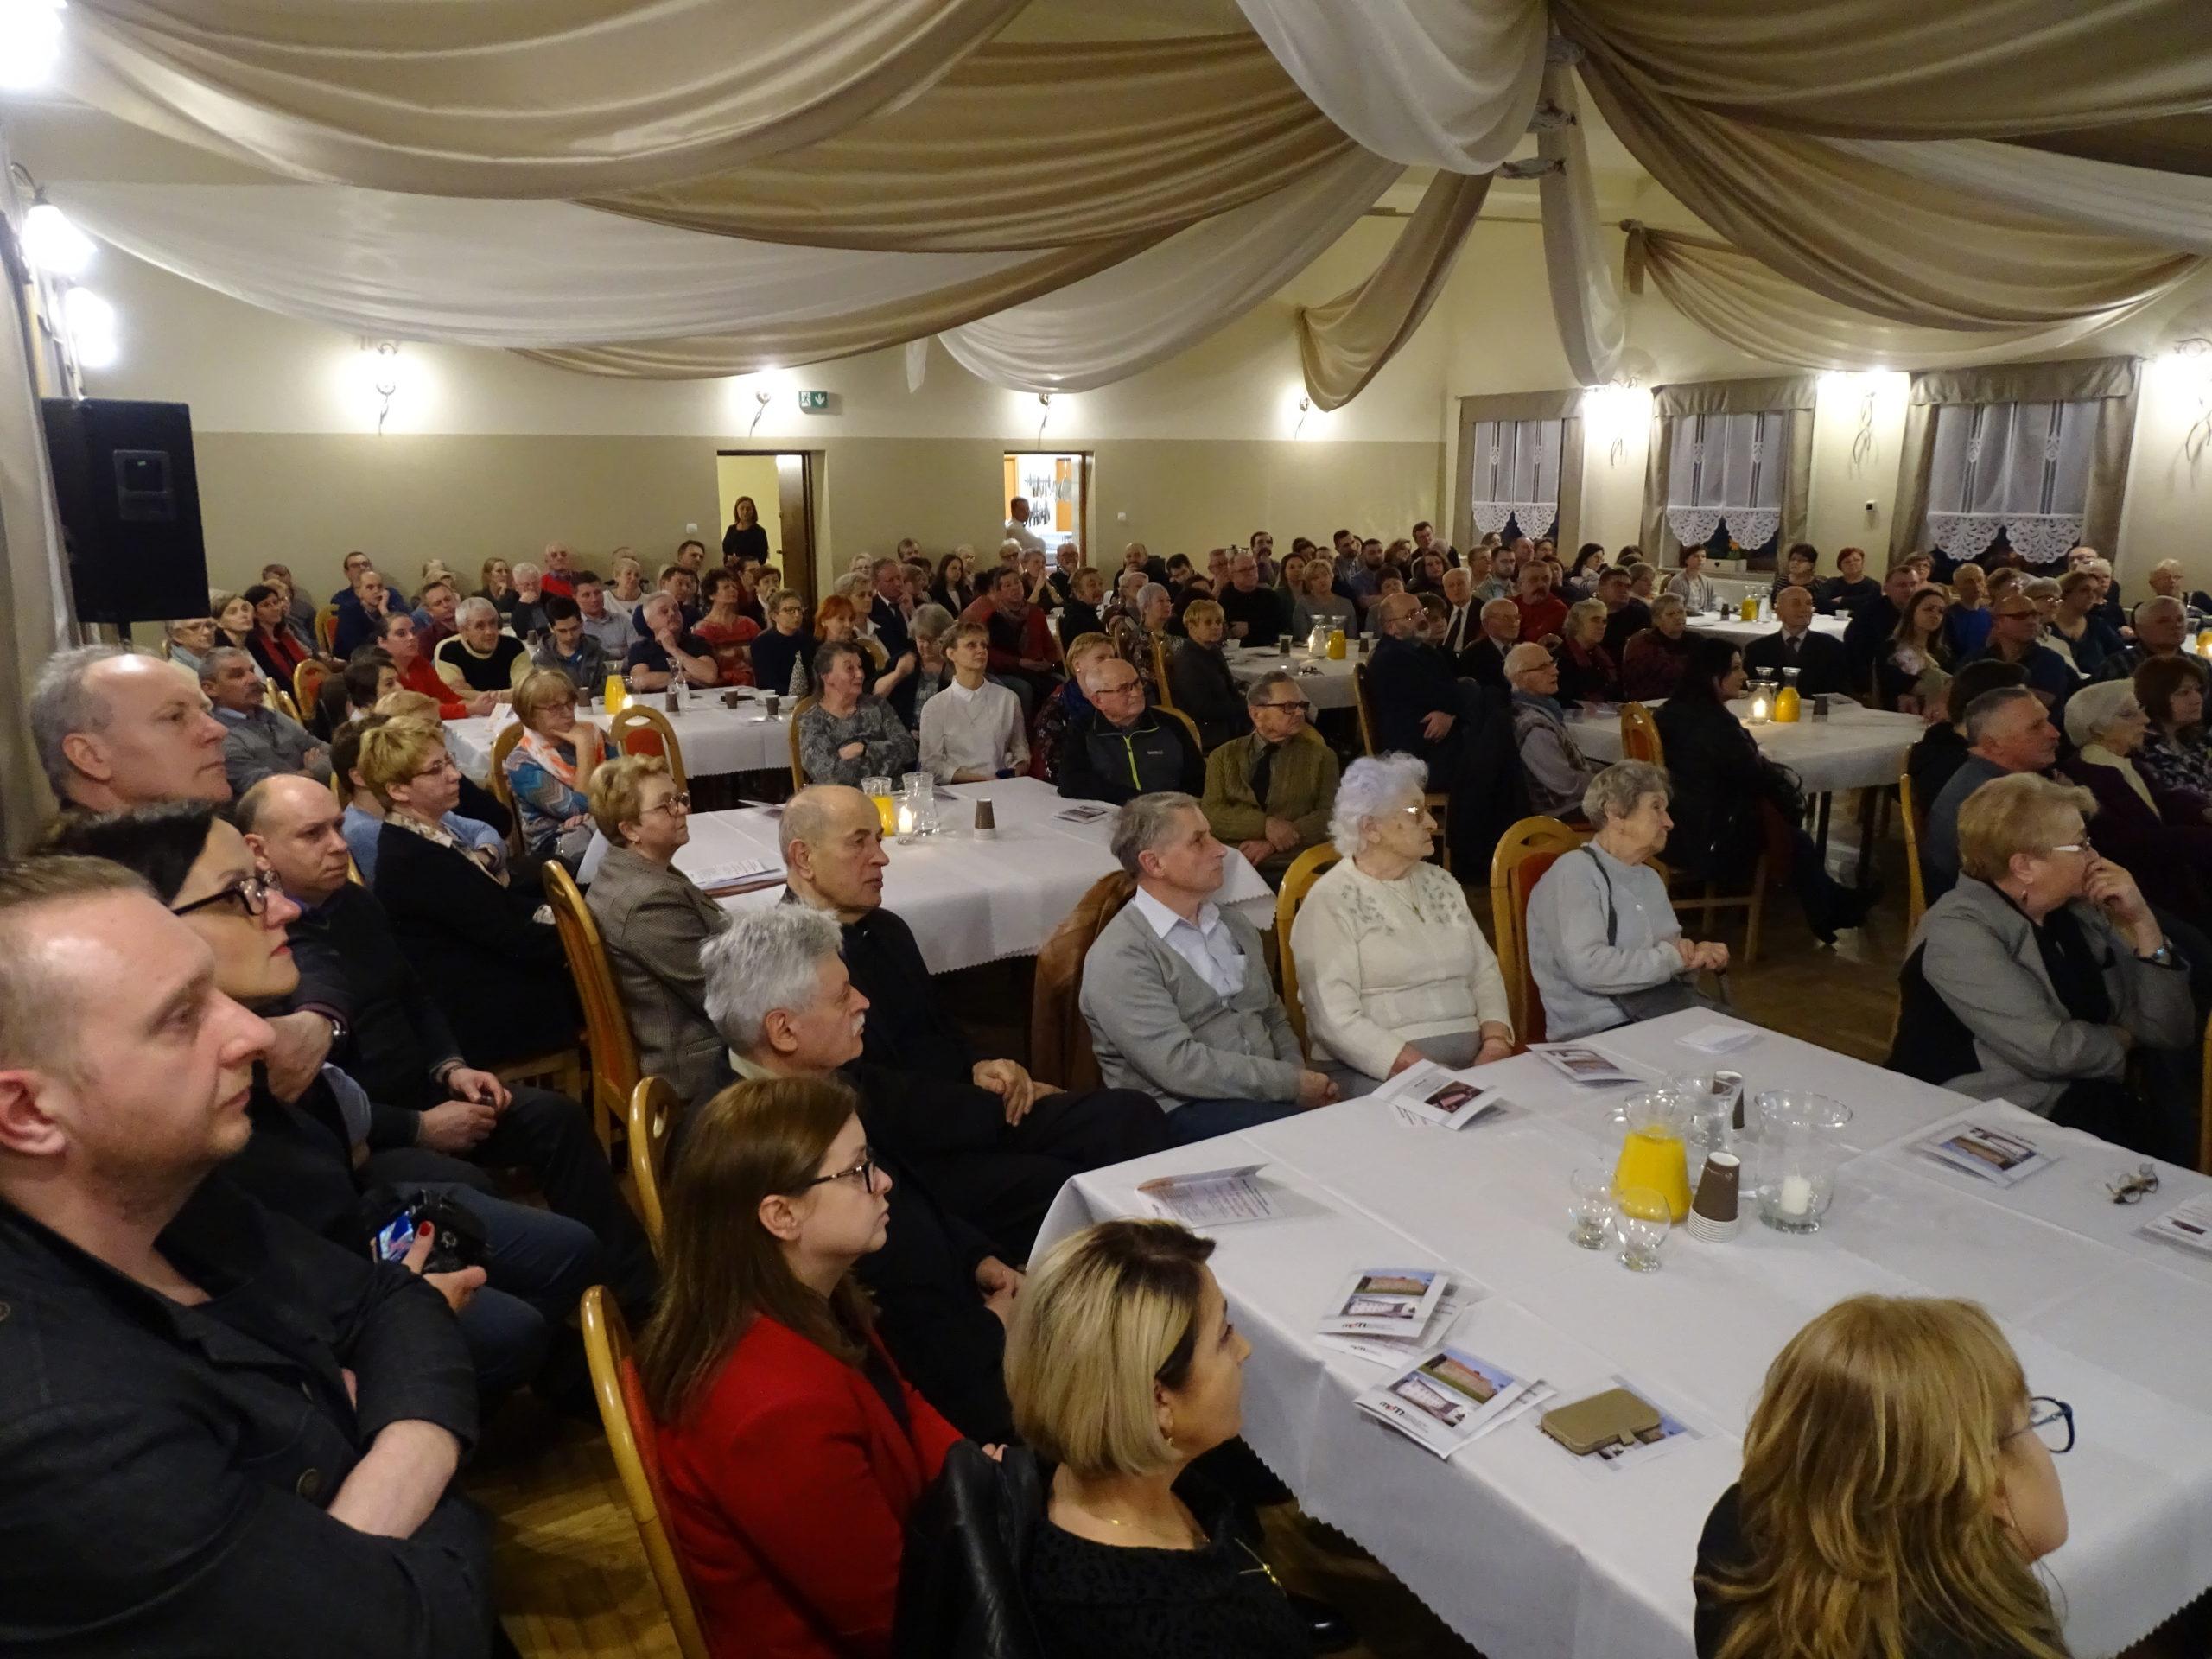 Na spotkanie historyczne do sali przy OSP w Brzeszczach przyszło ponad 170 osób